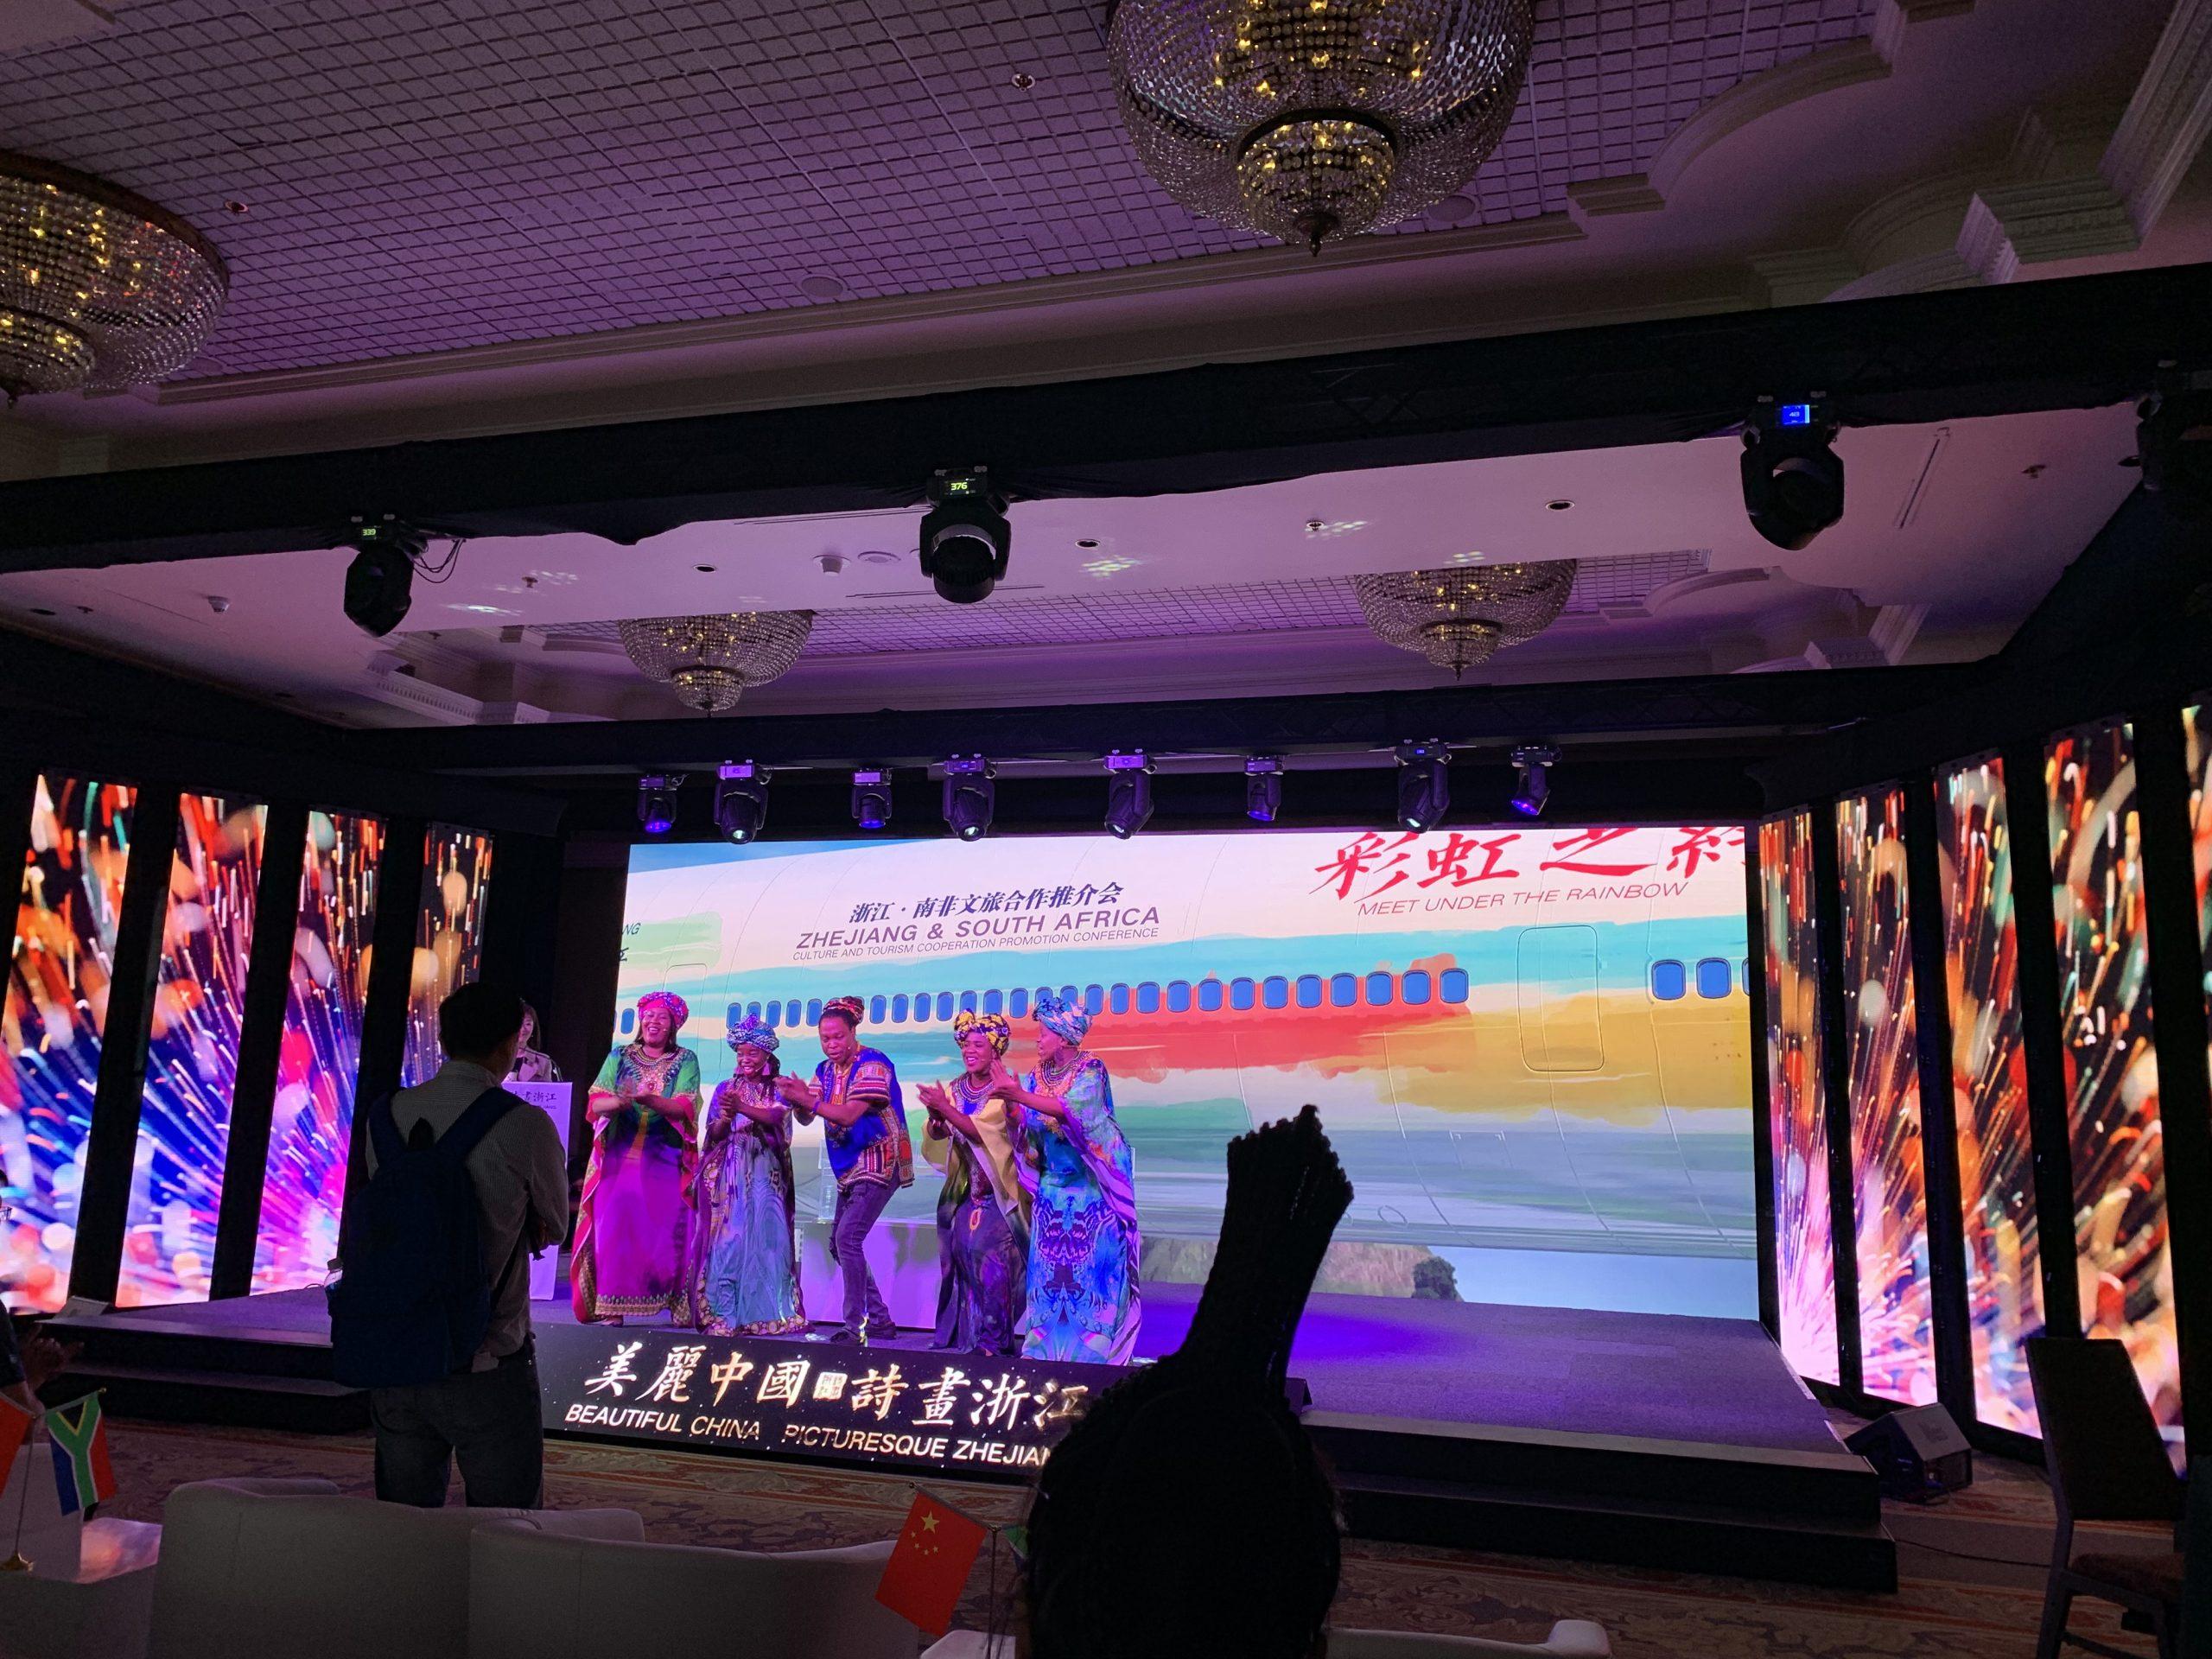 Zhejiang Tourism